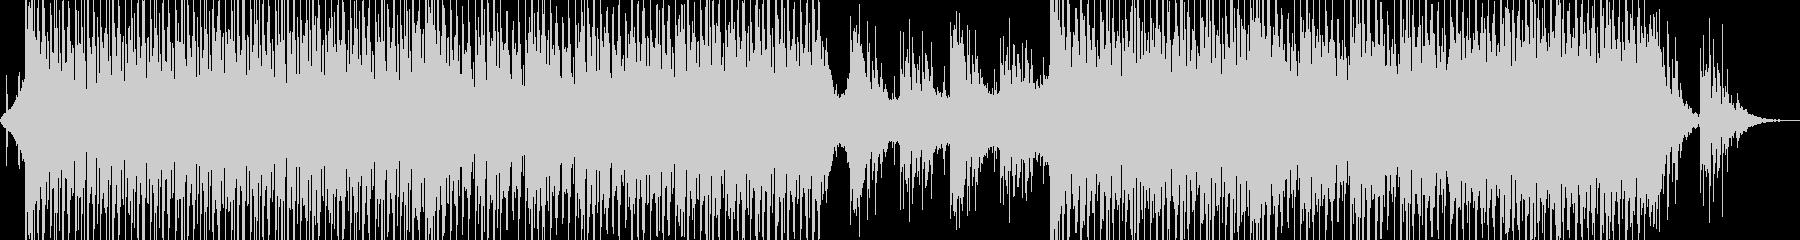 ポップ テクノ ロック 代替案 ア...の未再生の波形